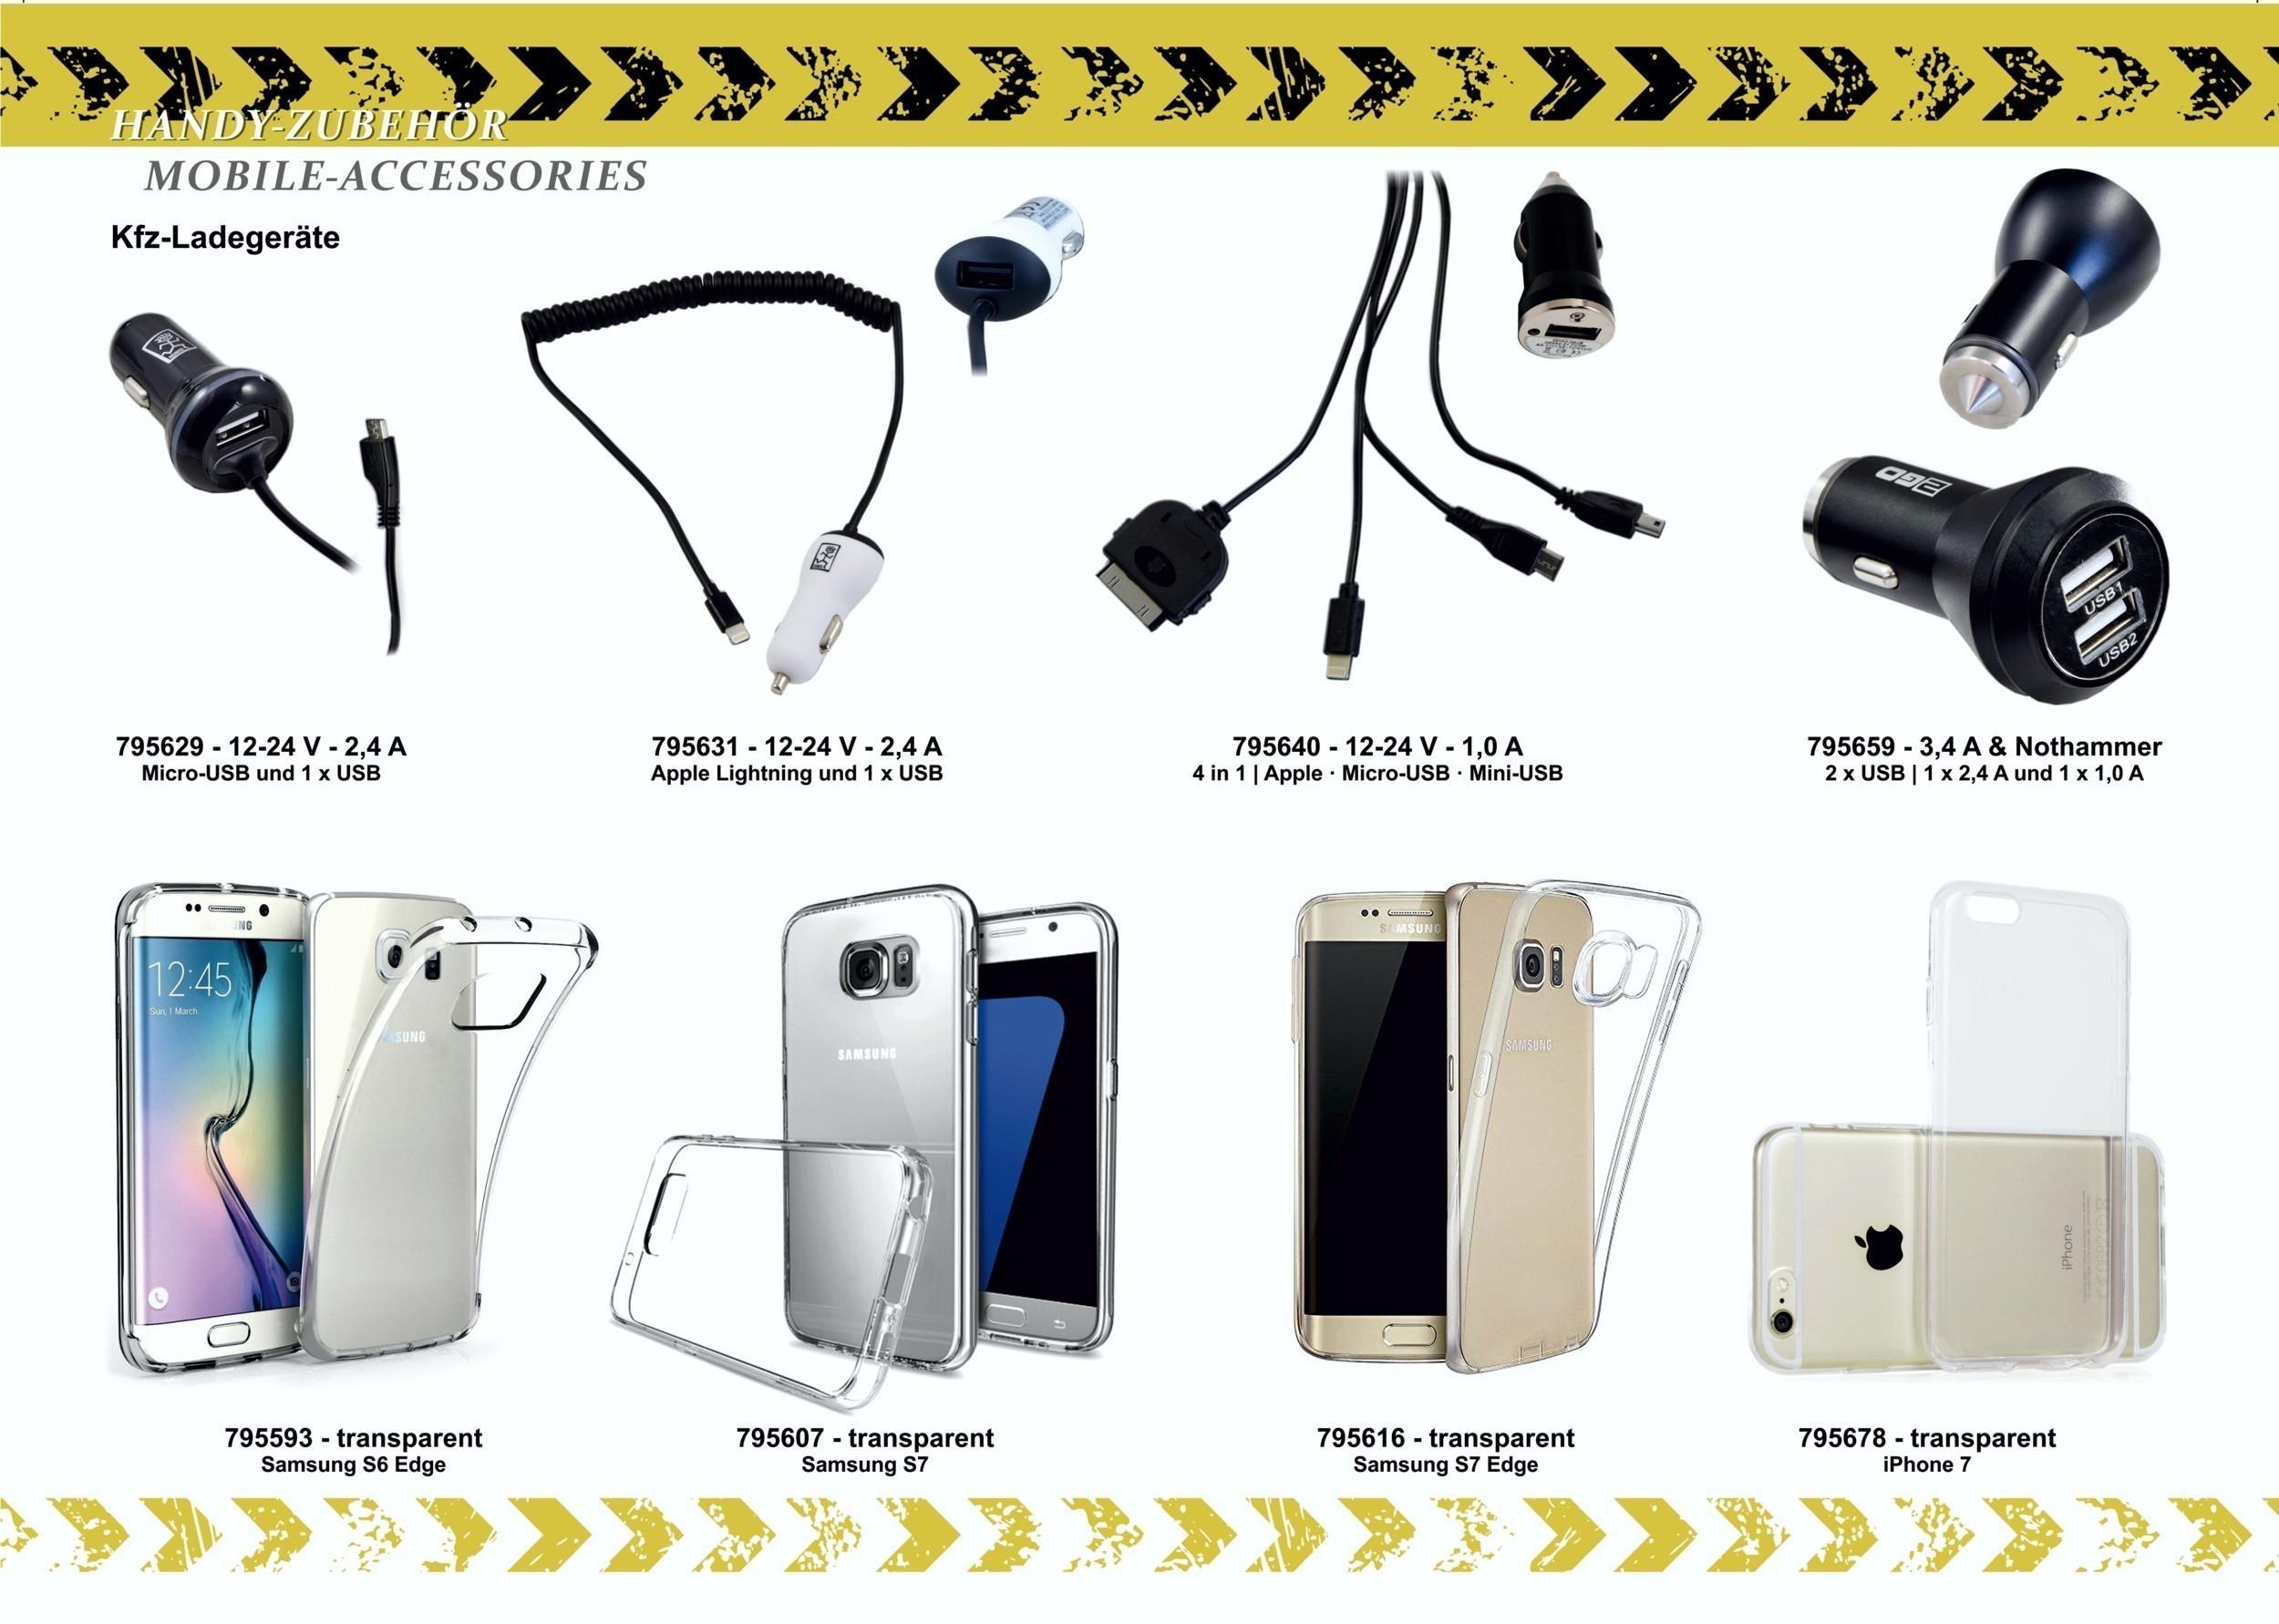 2GO Netzladegerät mit USB-Anschluss – Bild 6